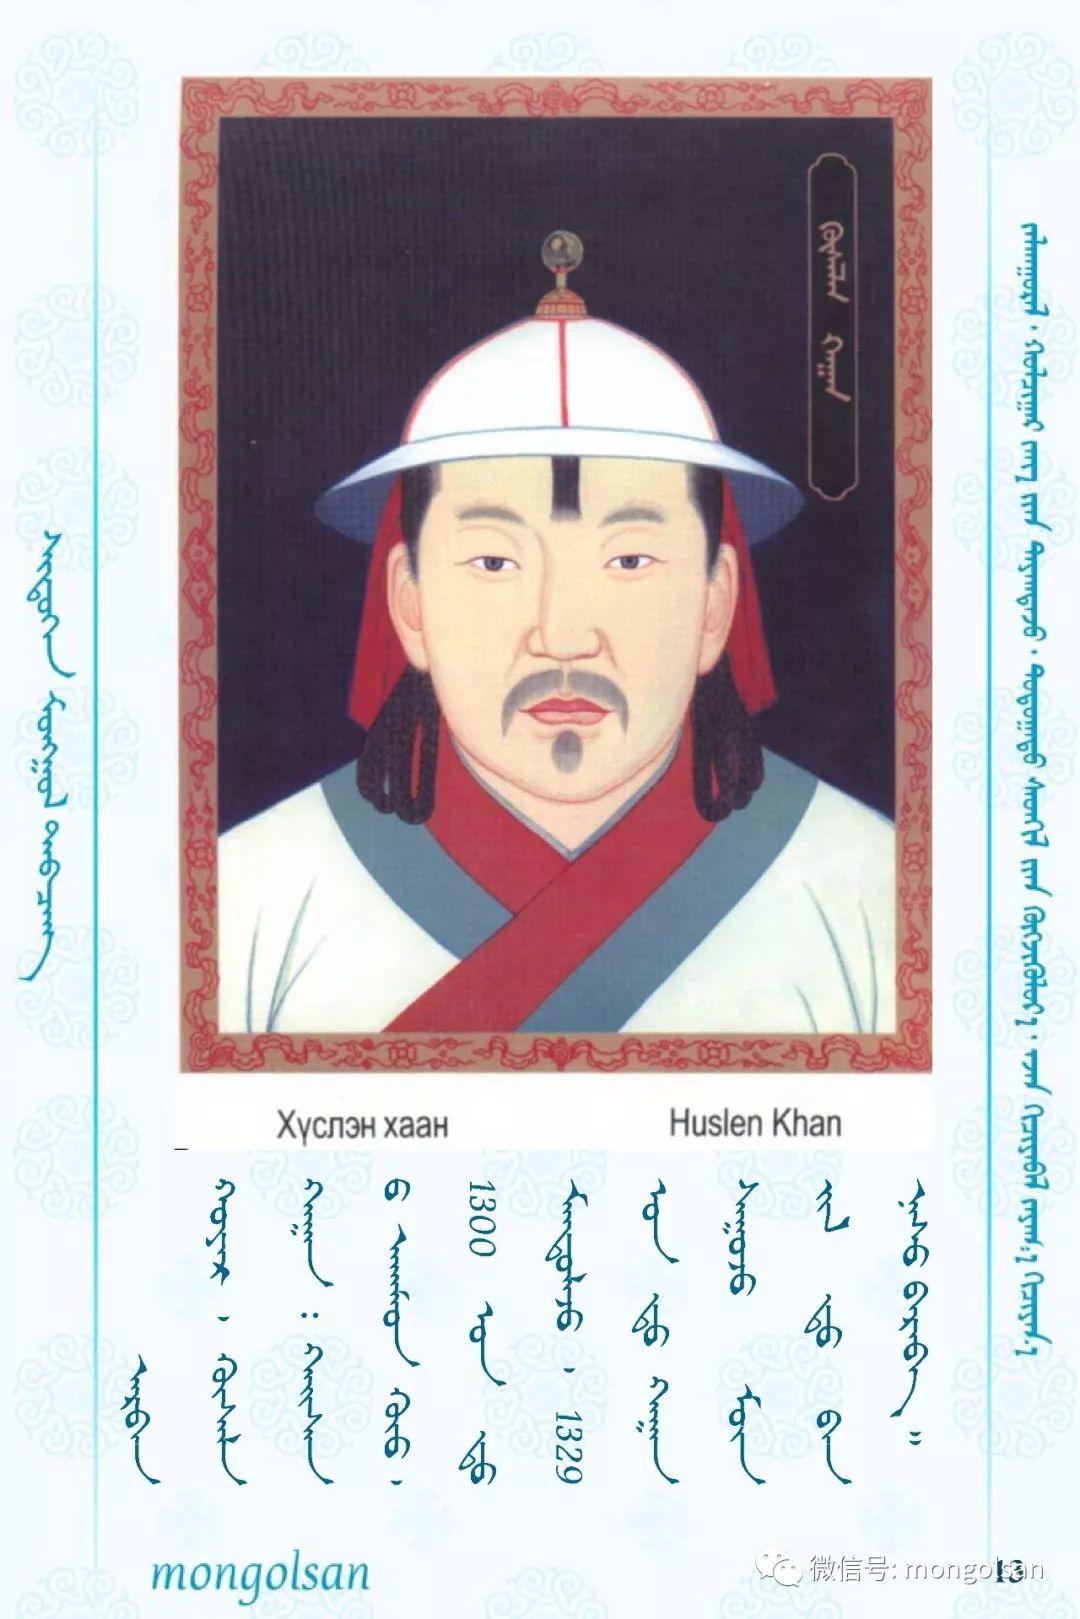 【关注】蒙古皇帝列表 第13张